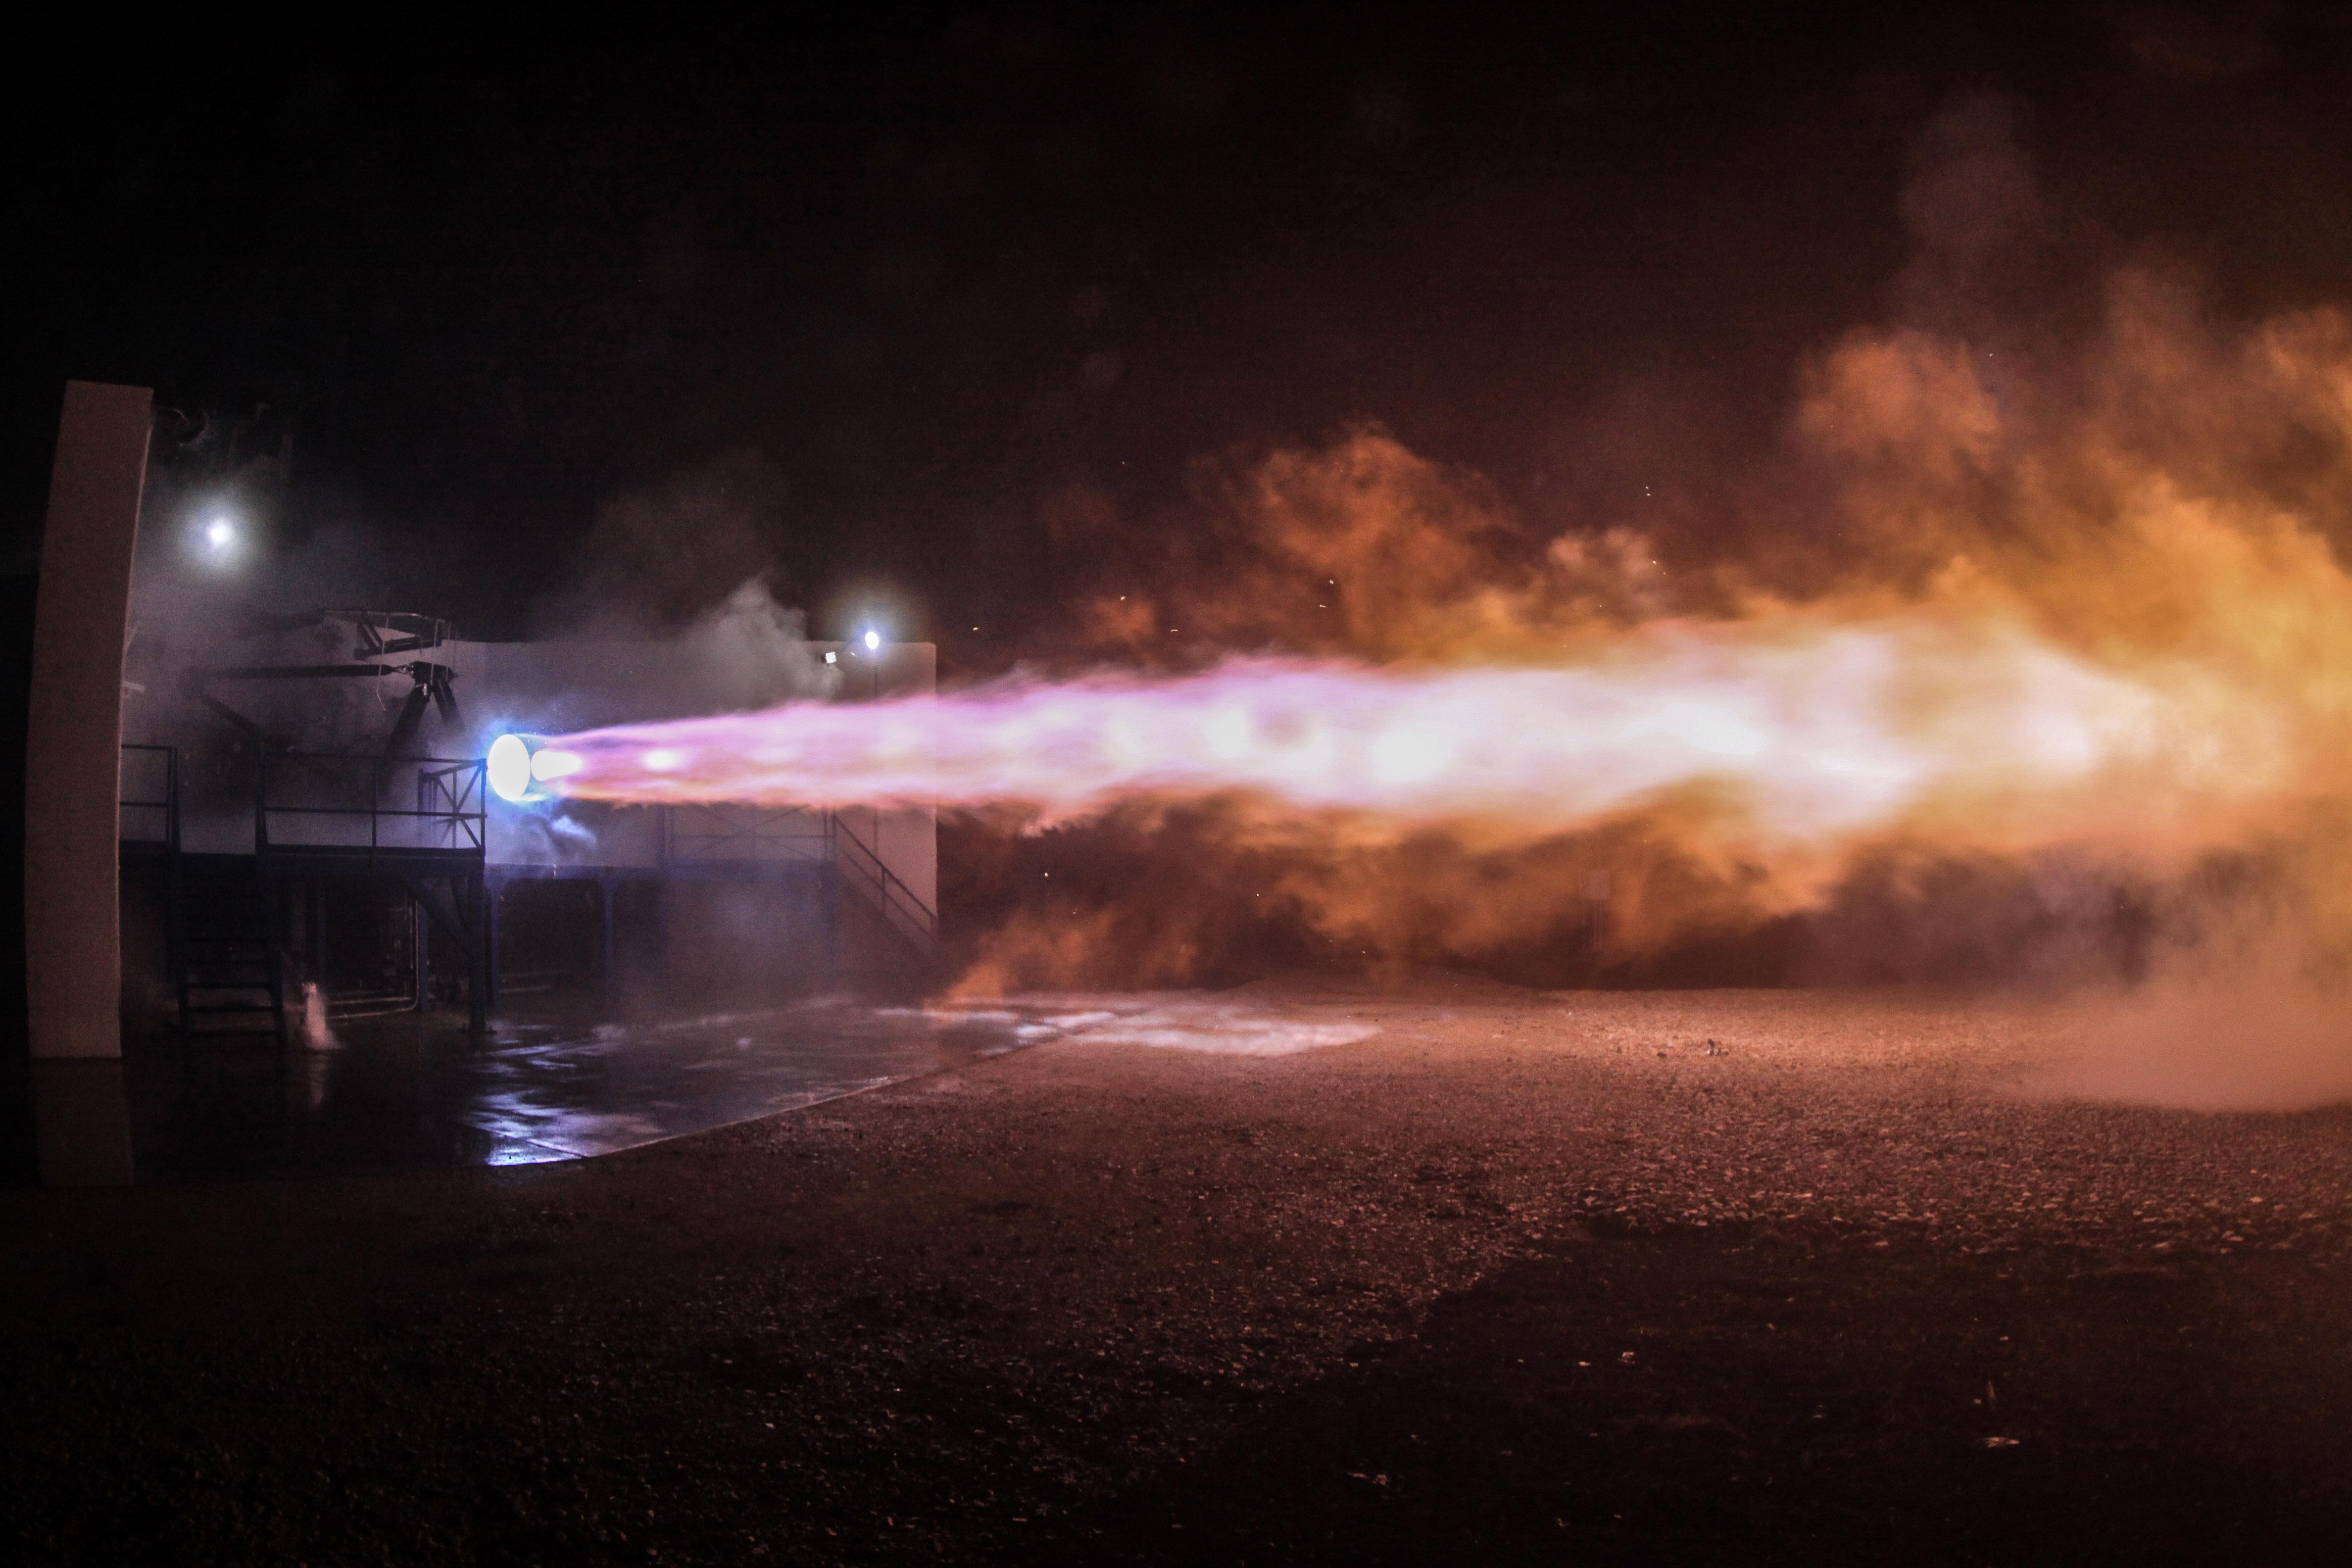 Ракетный двигатель SpaceX взорвался во время испытаний ...